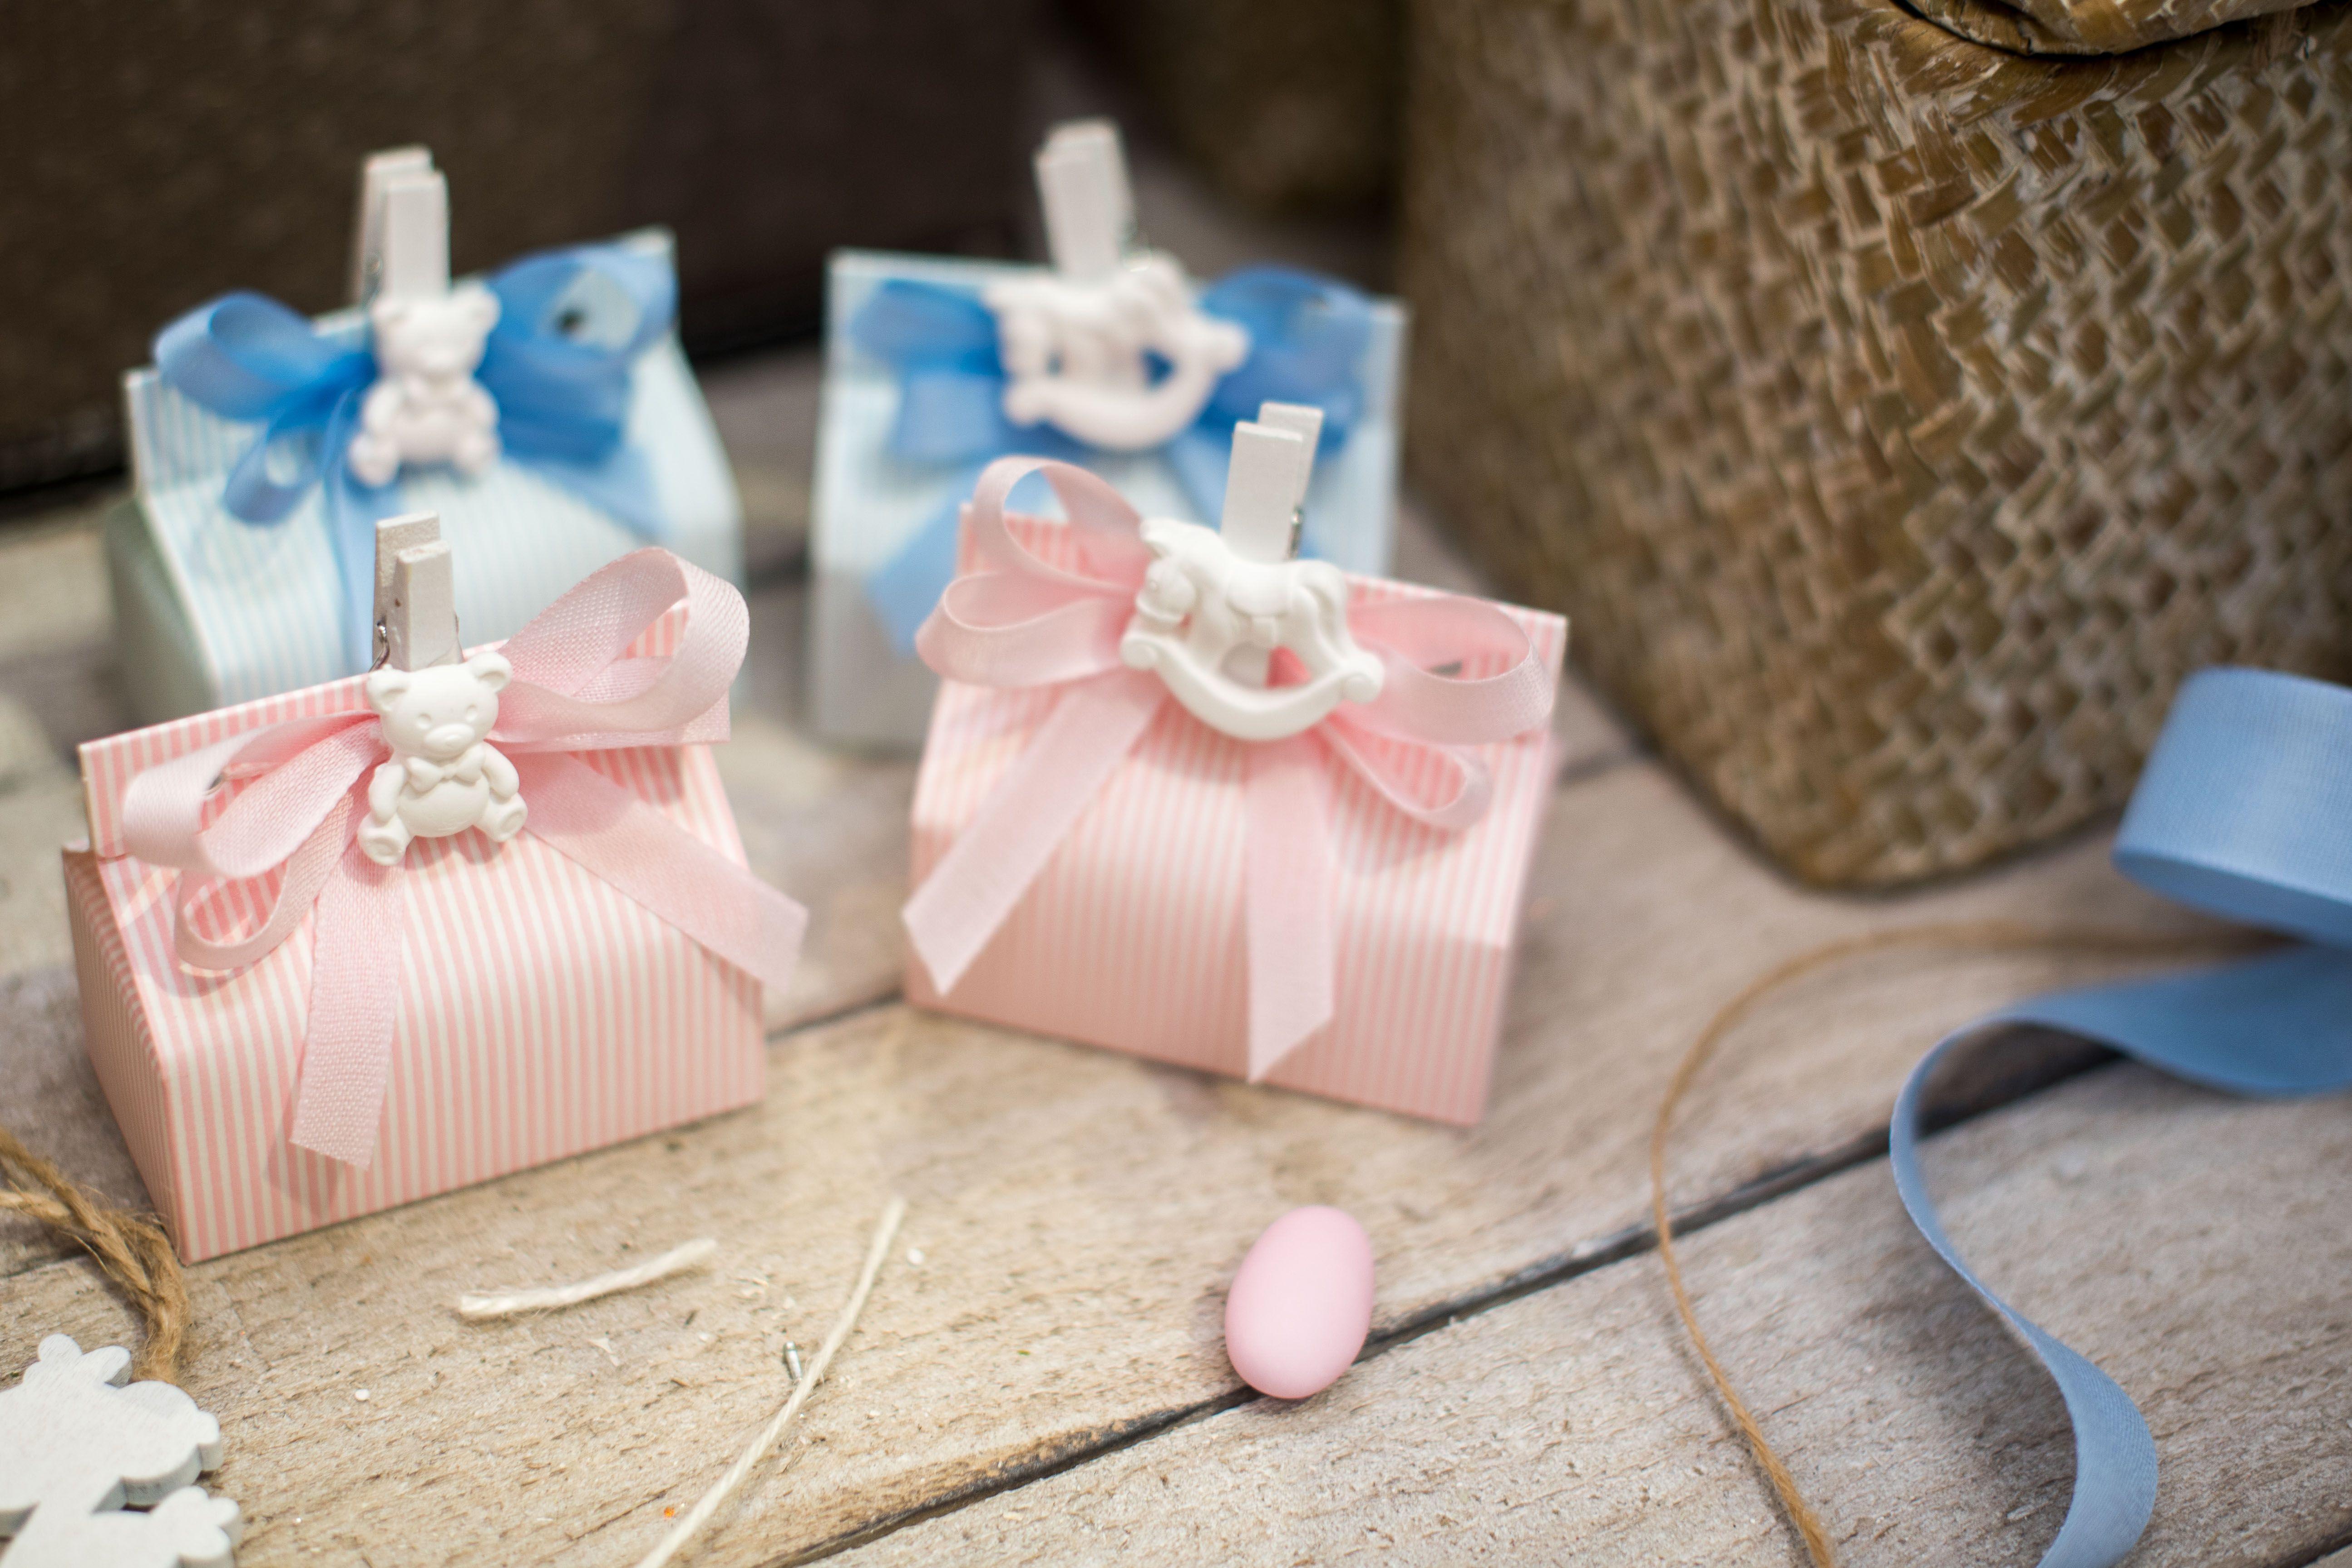 Scatoline In Cartone Rosa O Azzurro Per Bomboniere Battesimo Completano La Bomboniera Il Fiocchetto Con Nastro In Cotone E La Molle Bomboniere Bomboniera Idee